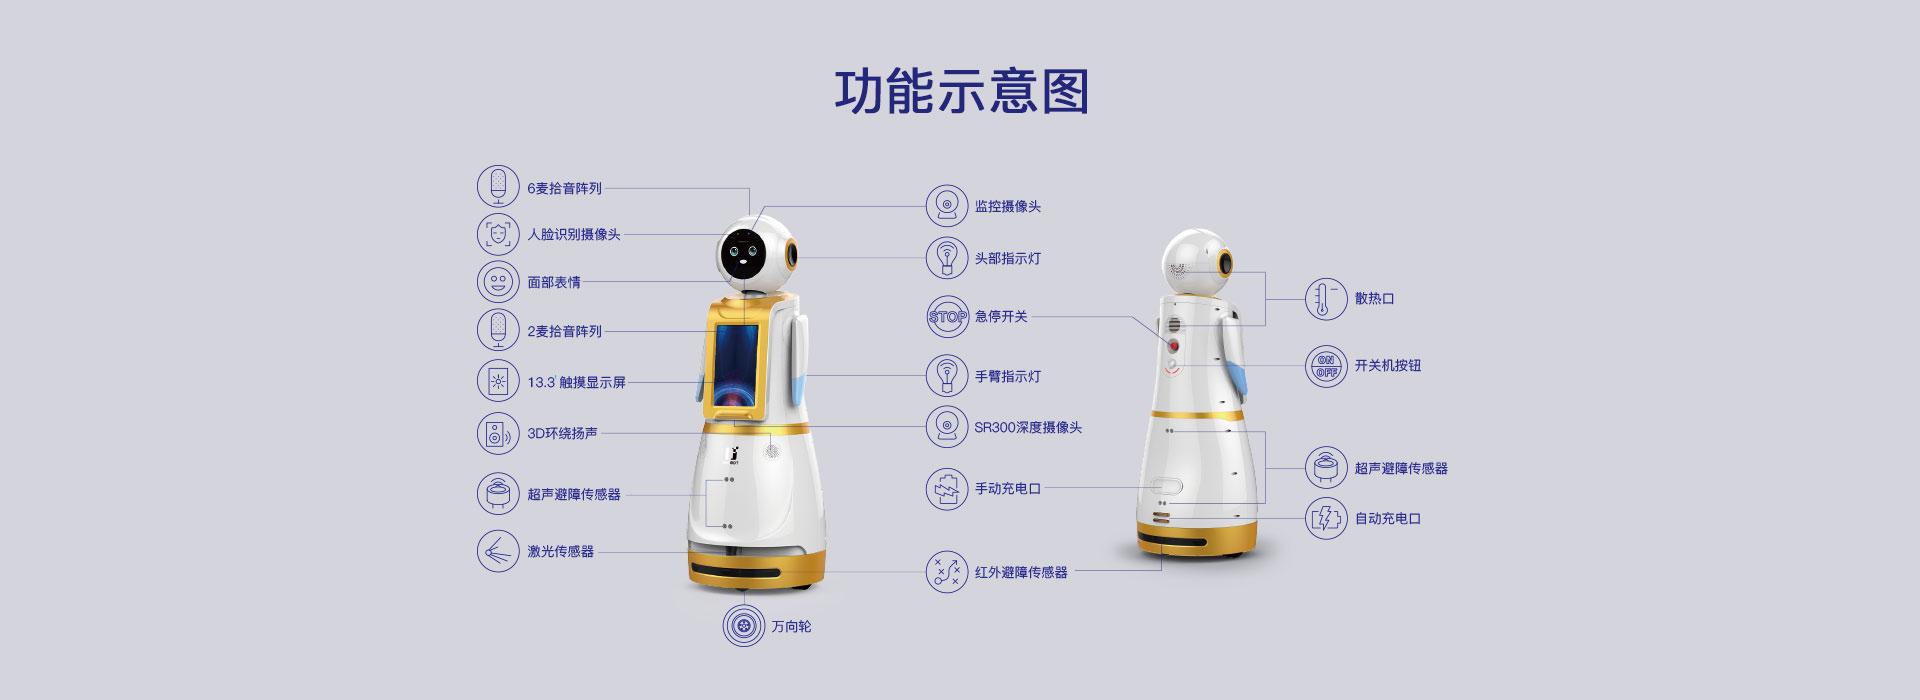 安优米商用服务机器人